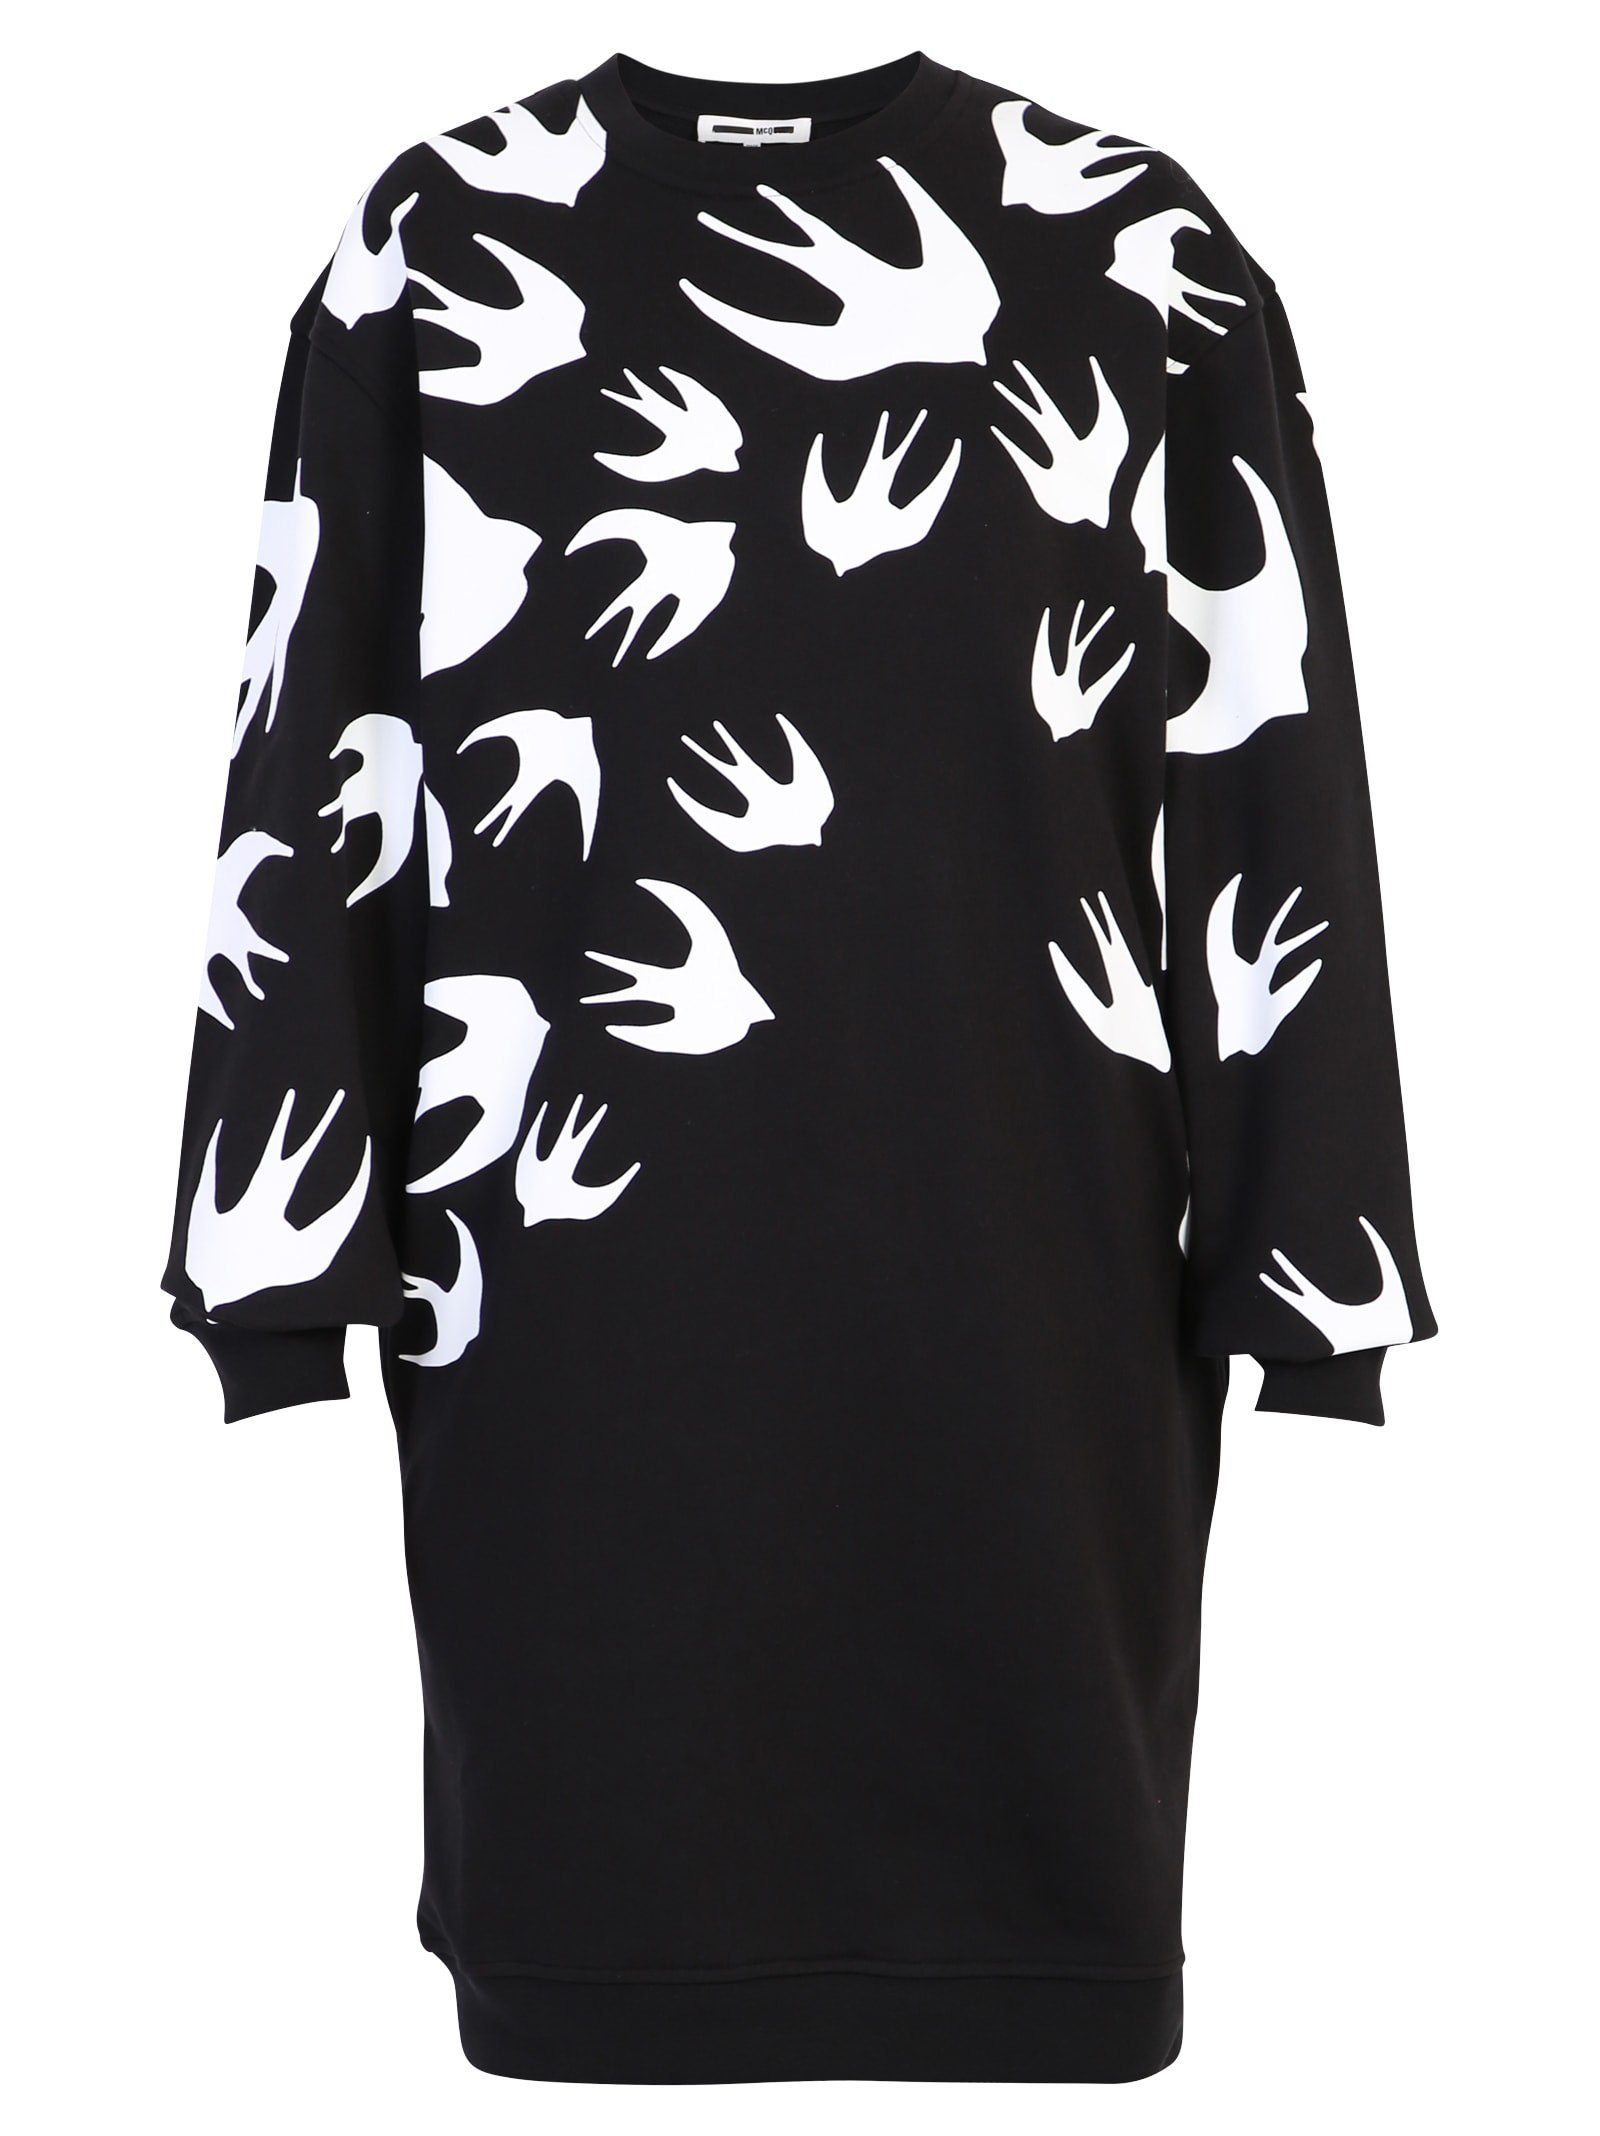 McQ Alexander McQueen Swallow Print Dress